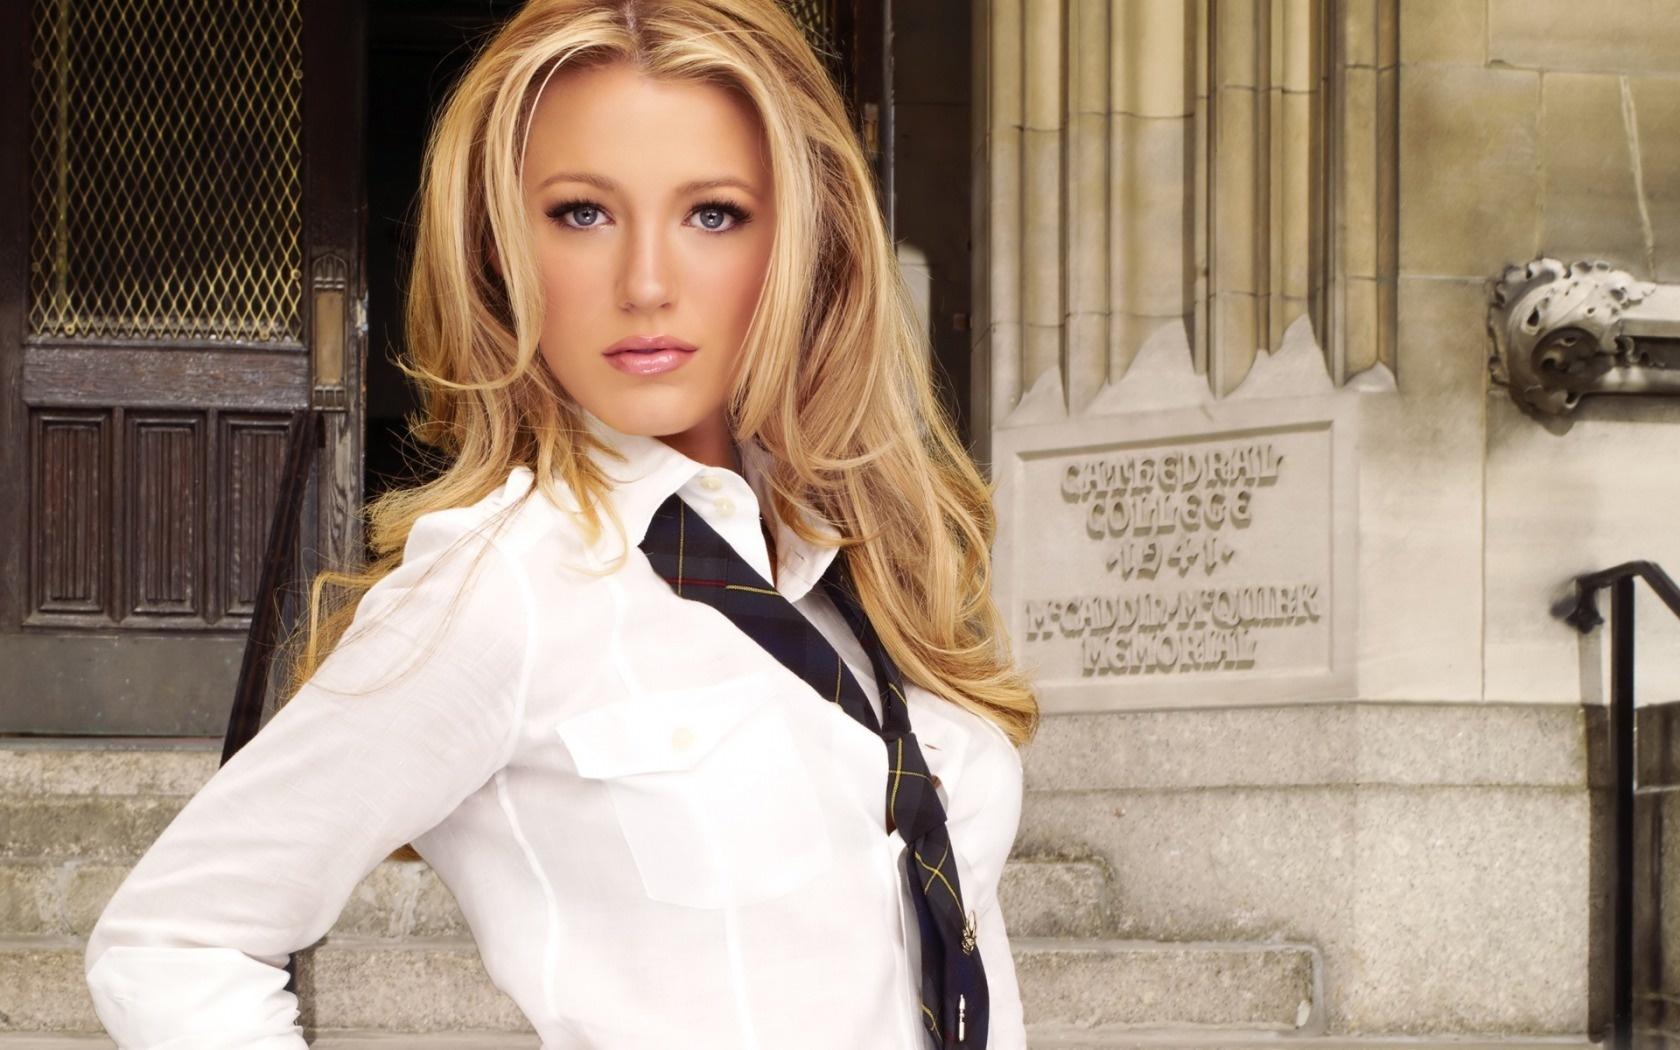 Красивые фото девушек в галстуке — photo 14